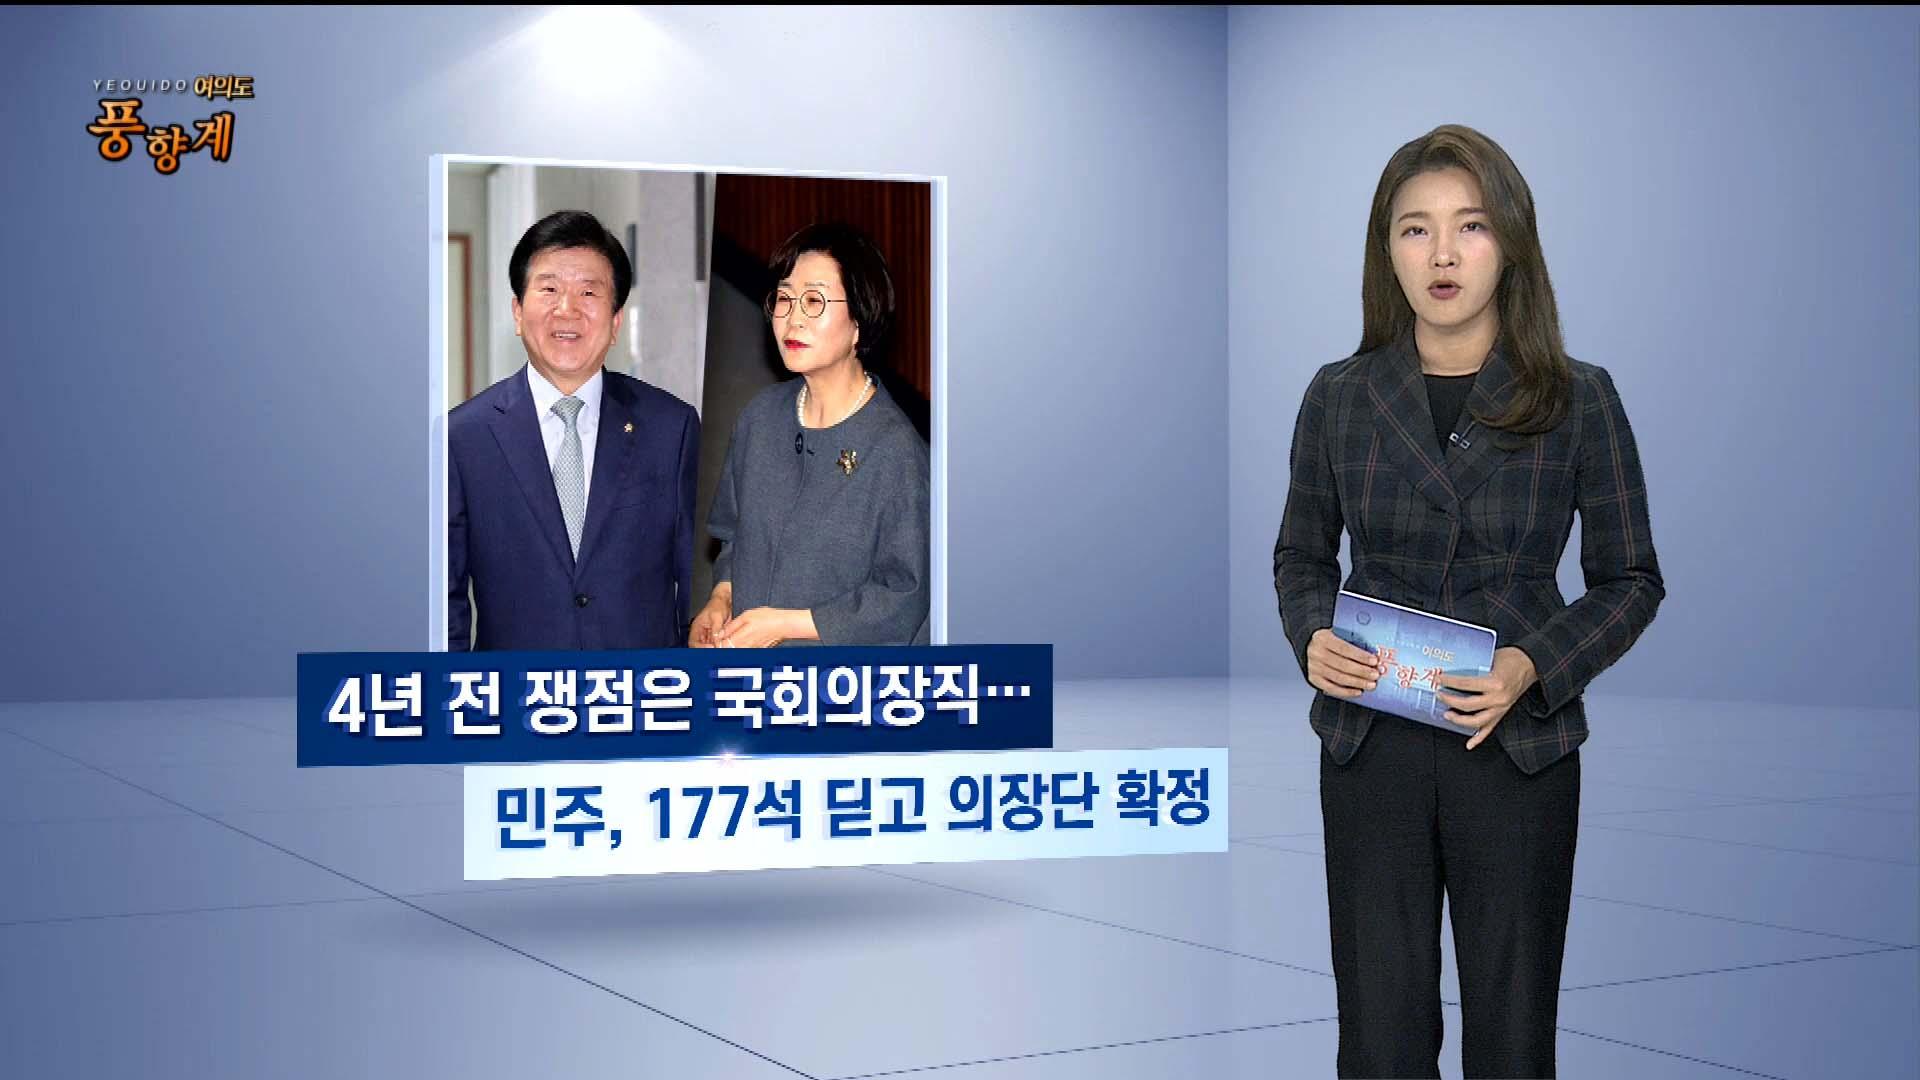 [여의도풍향계] 원구성 협상 본격화…또 '지각 국회' 오명?